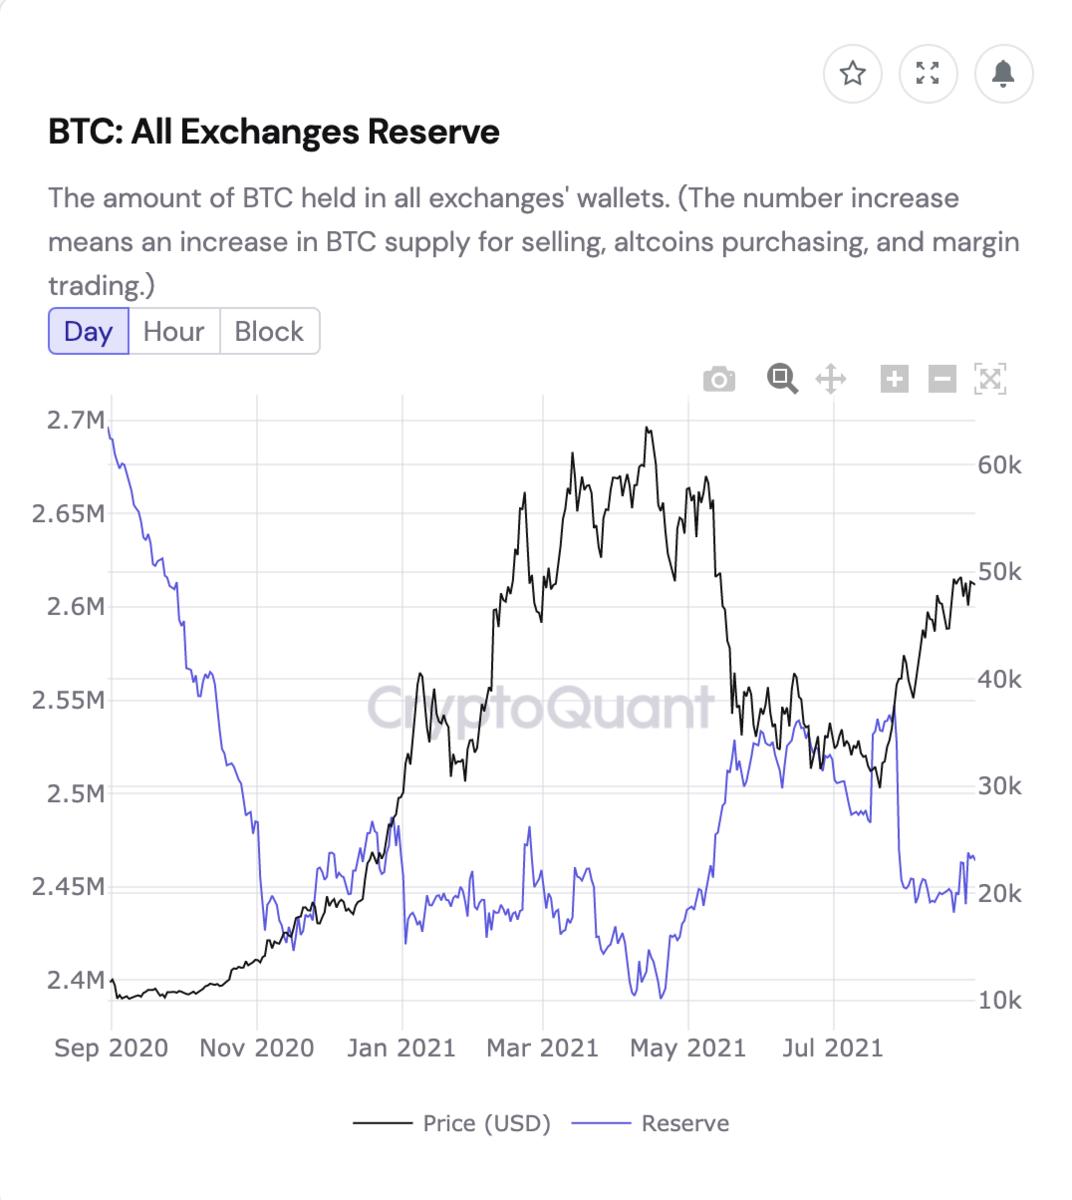 取引所が受け取るビットコイン数量の推移と価格推移